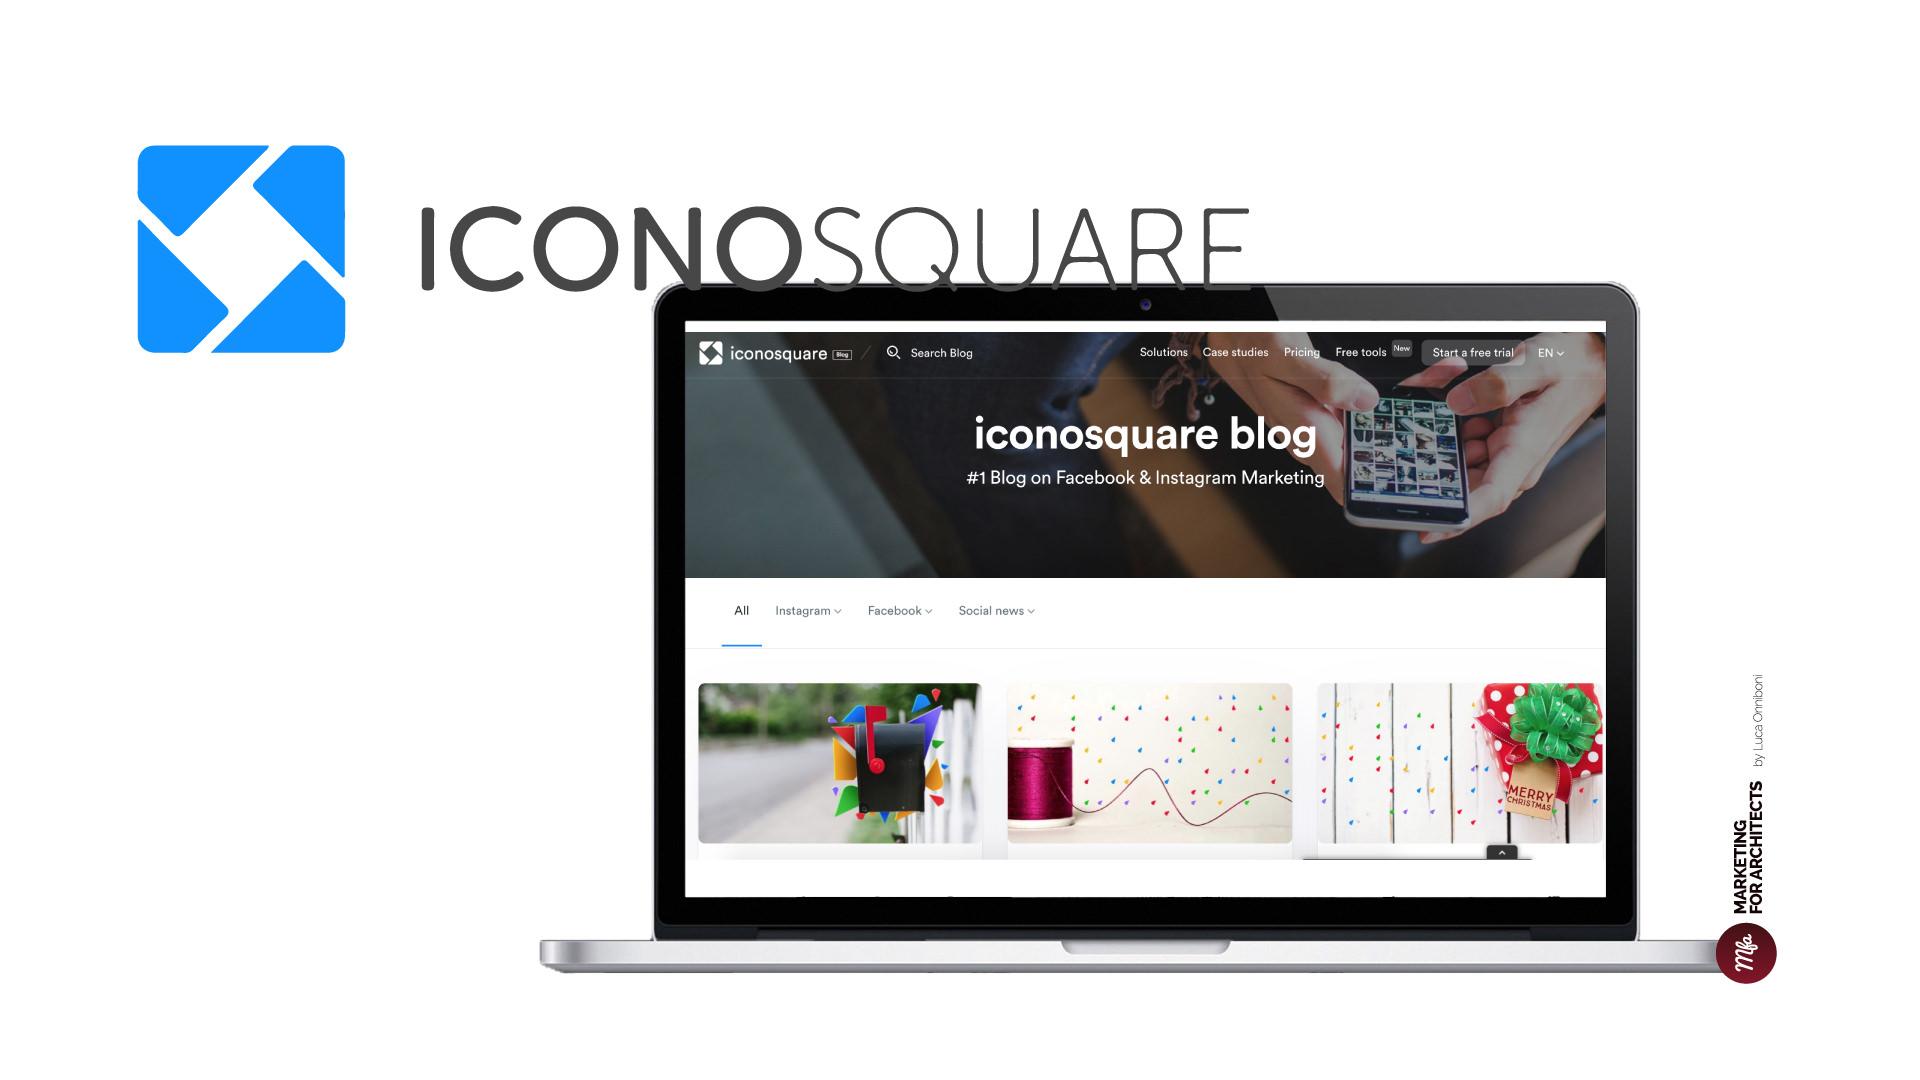 iconosquare blog